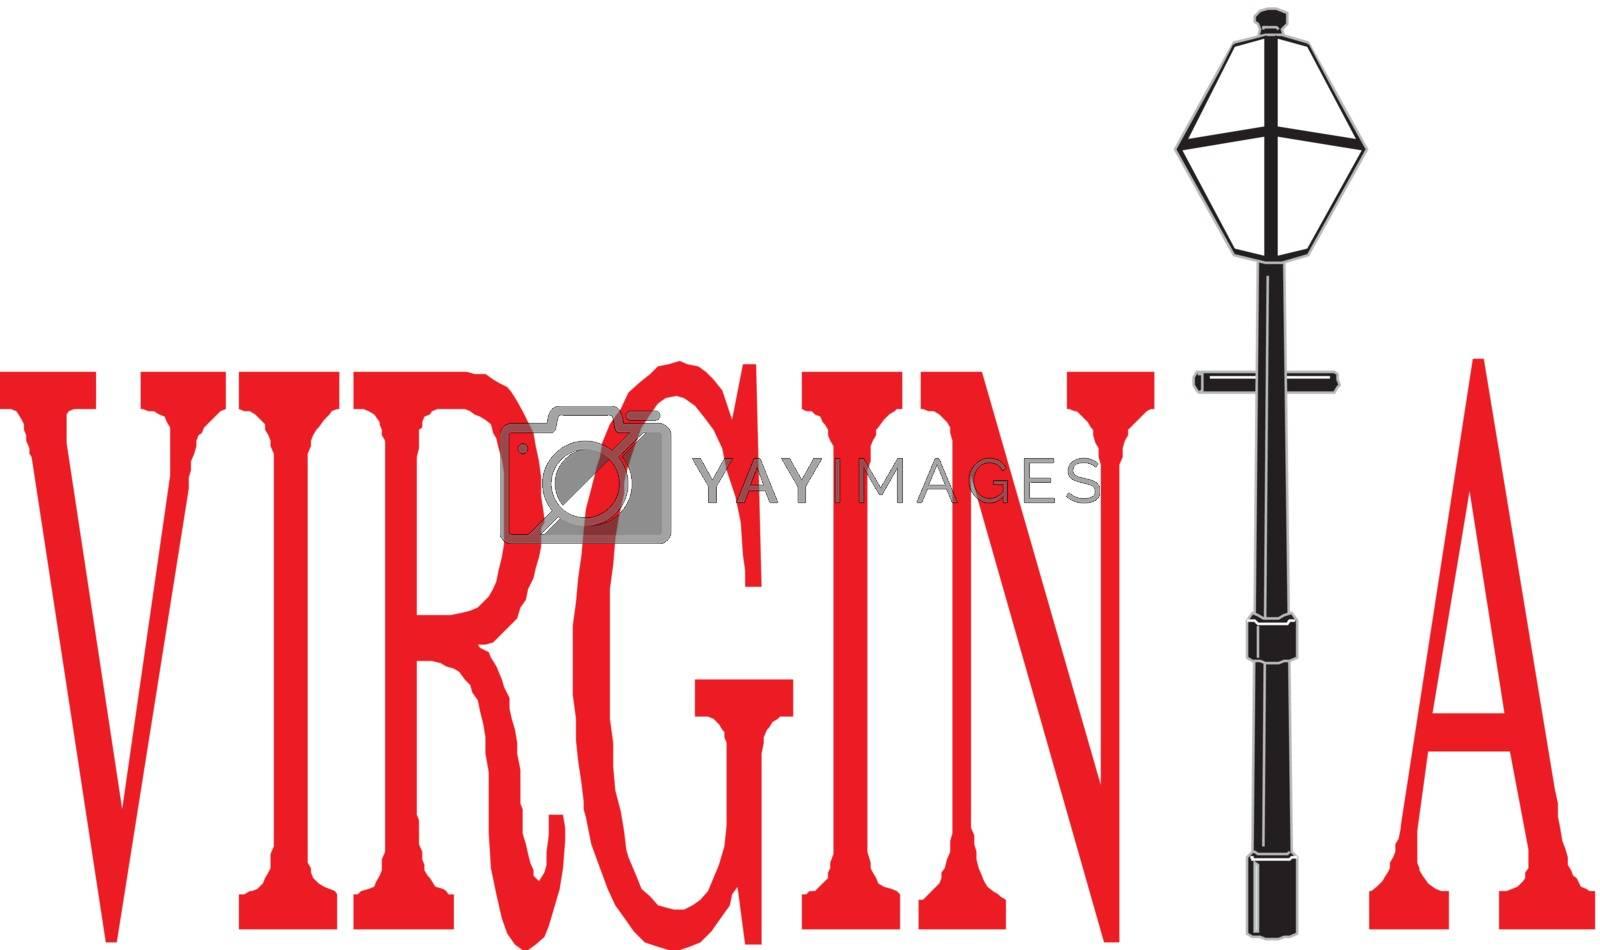 Virginia Vector